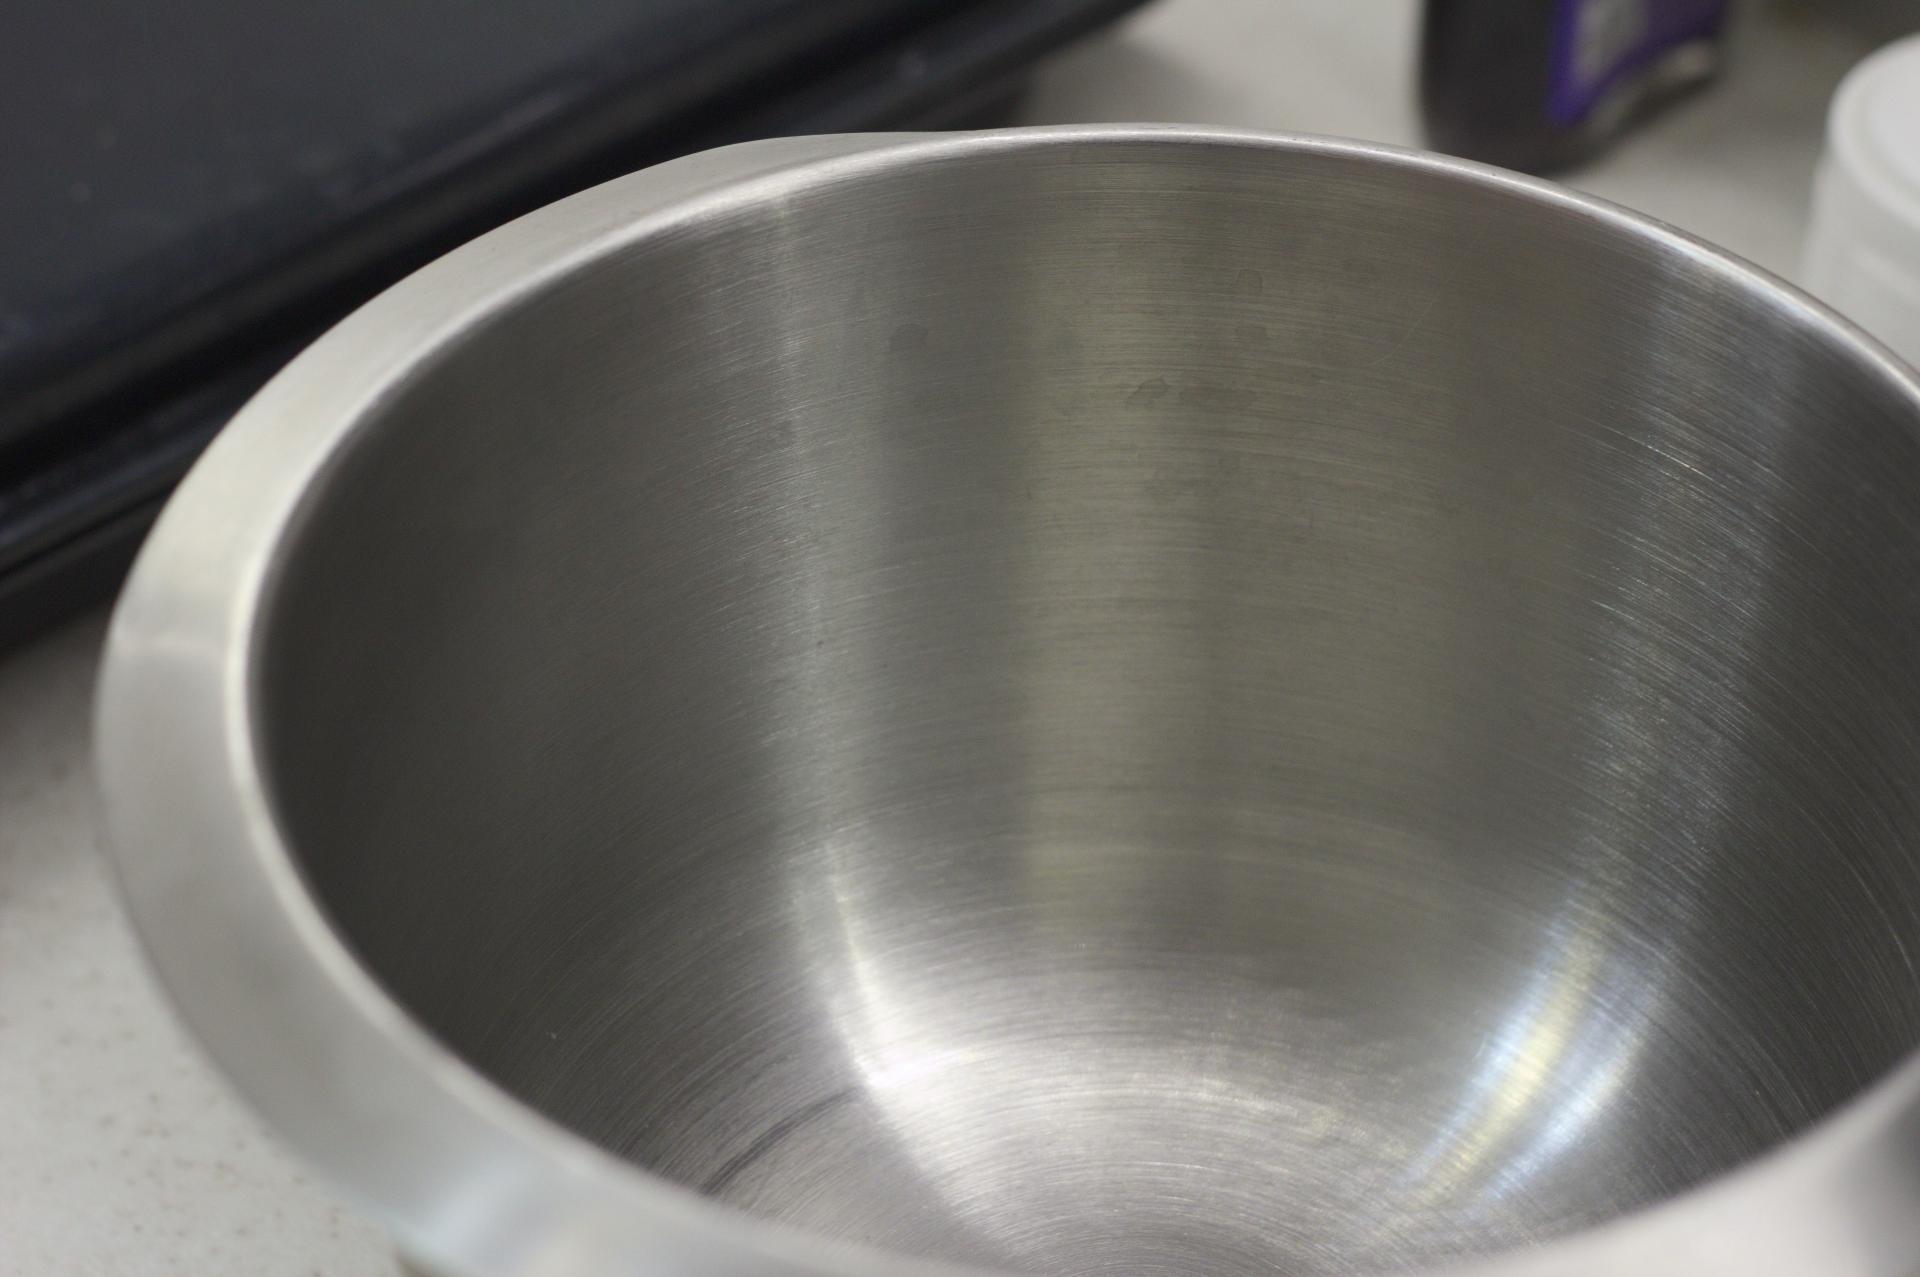 DIY порошок для посудомойки: разбираем промышленные средства и улучшаем рецепт - 13